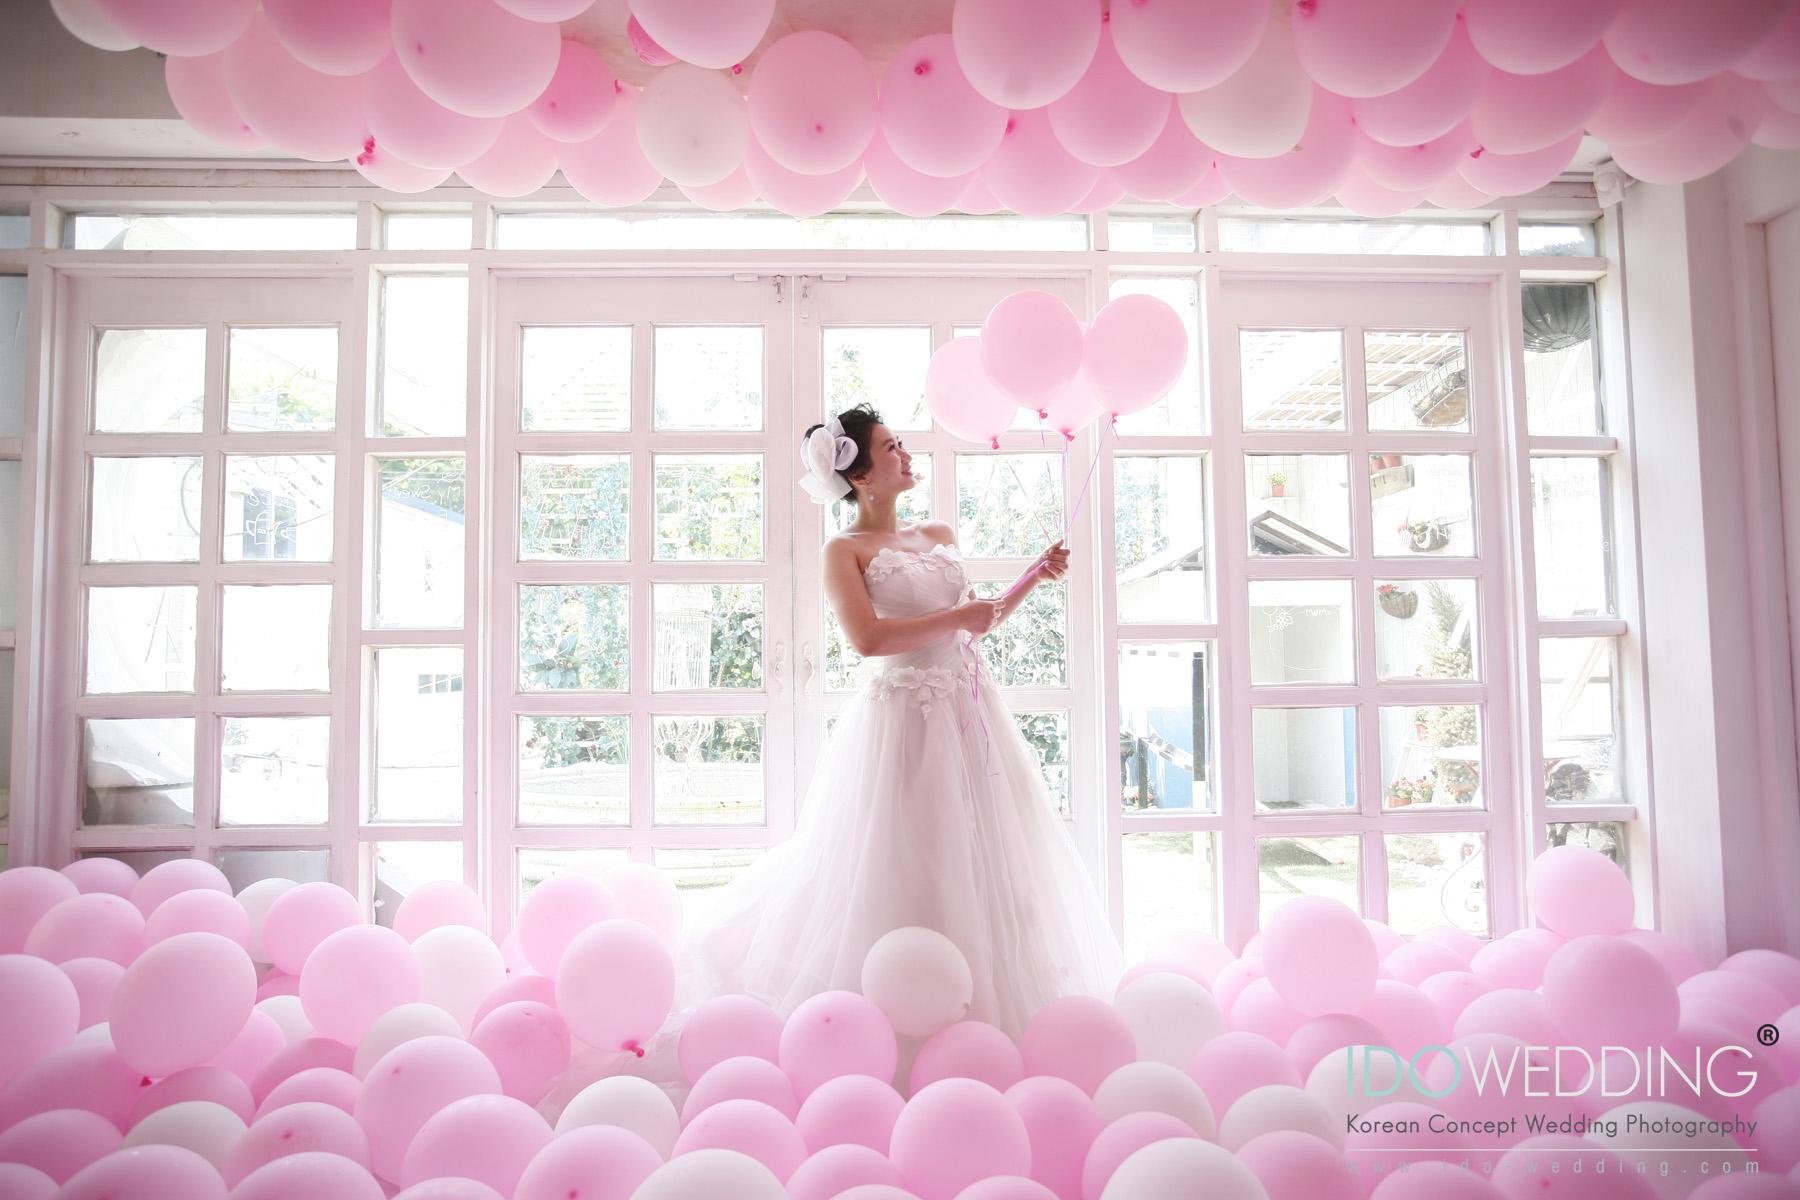 Korea wedding korean wedding photo ido wedding 92 korea wedding korea wedding photo korean wedding photography korean pre wedding photo junglespirit Image collections